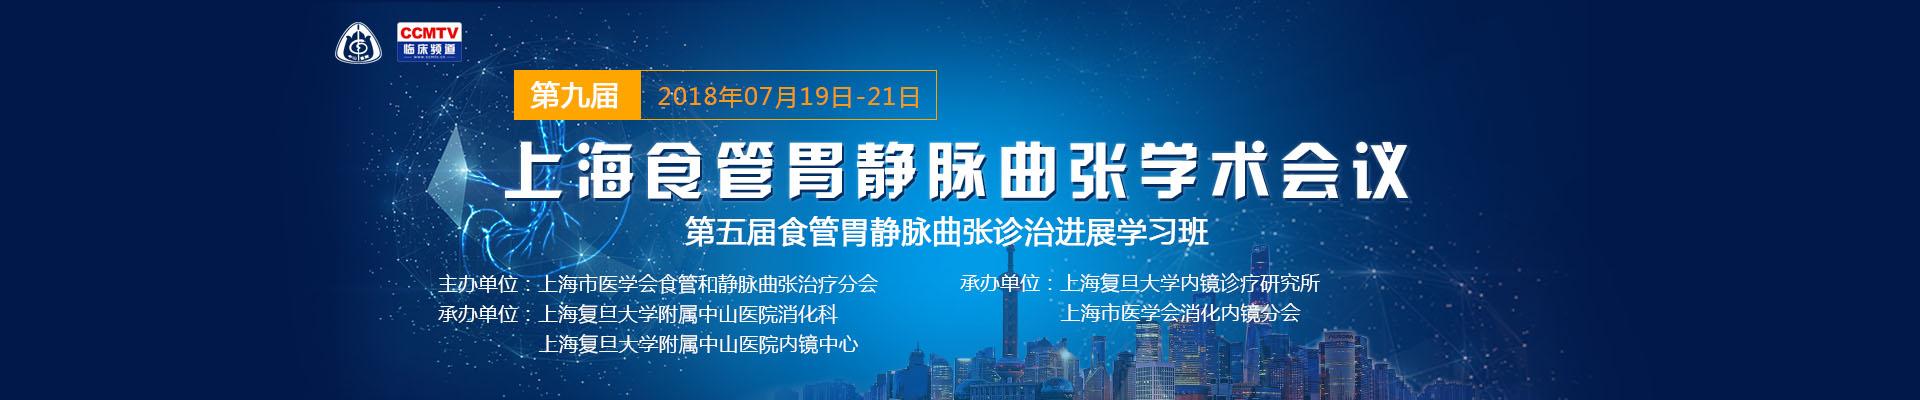 第九届上海食管胃静脉曲张学术会议